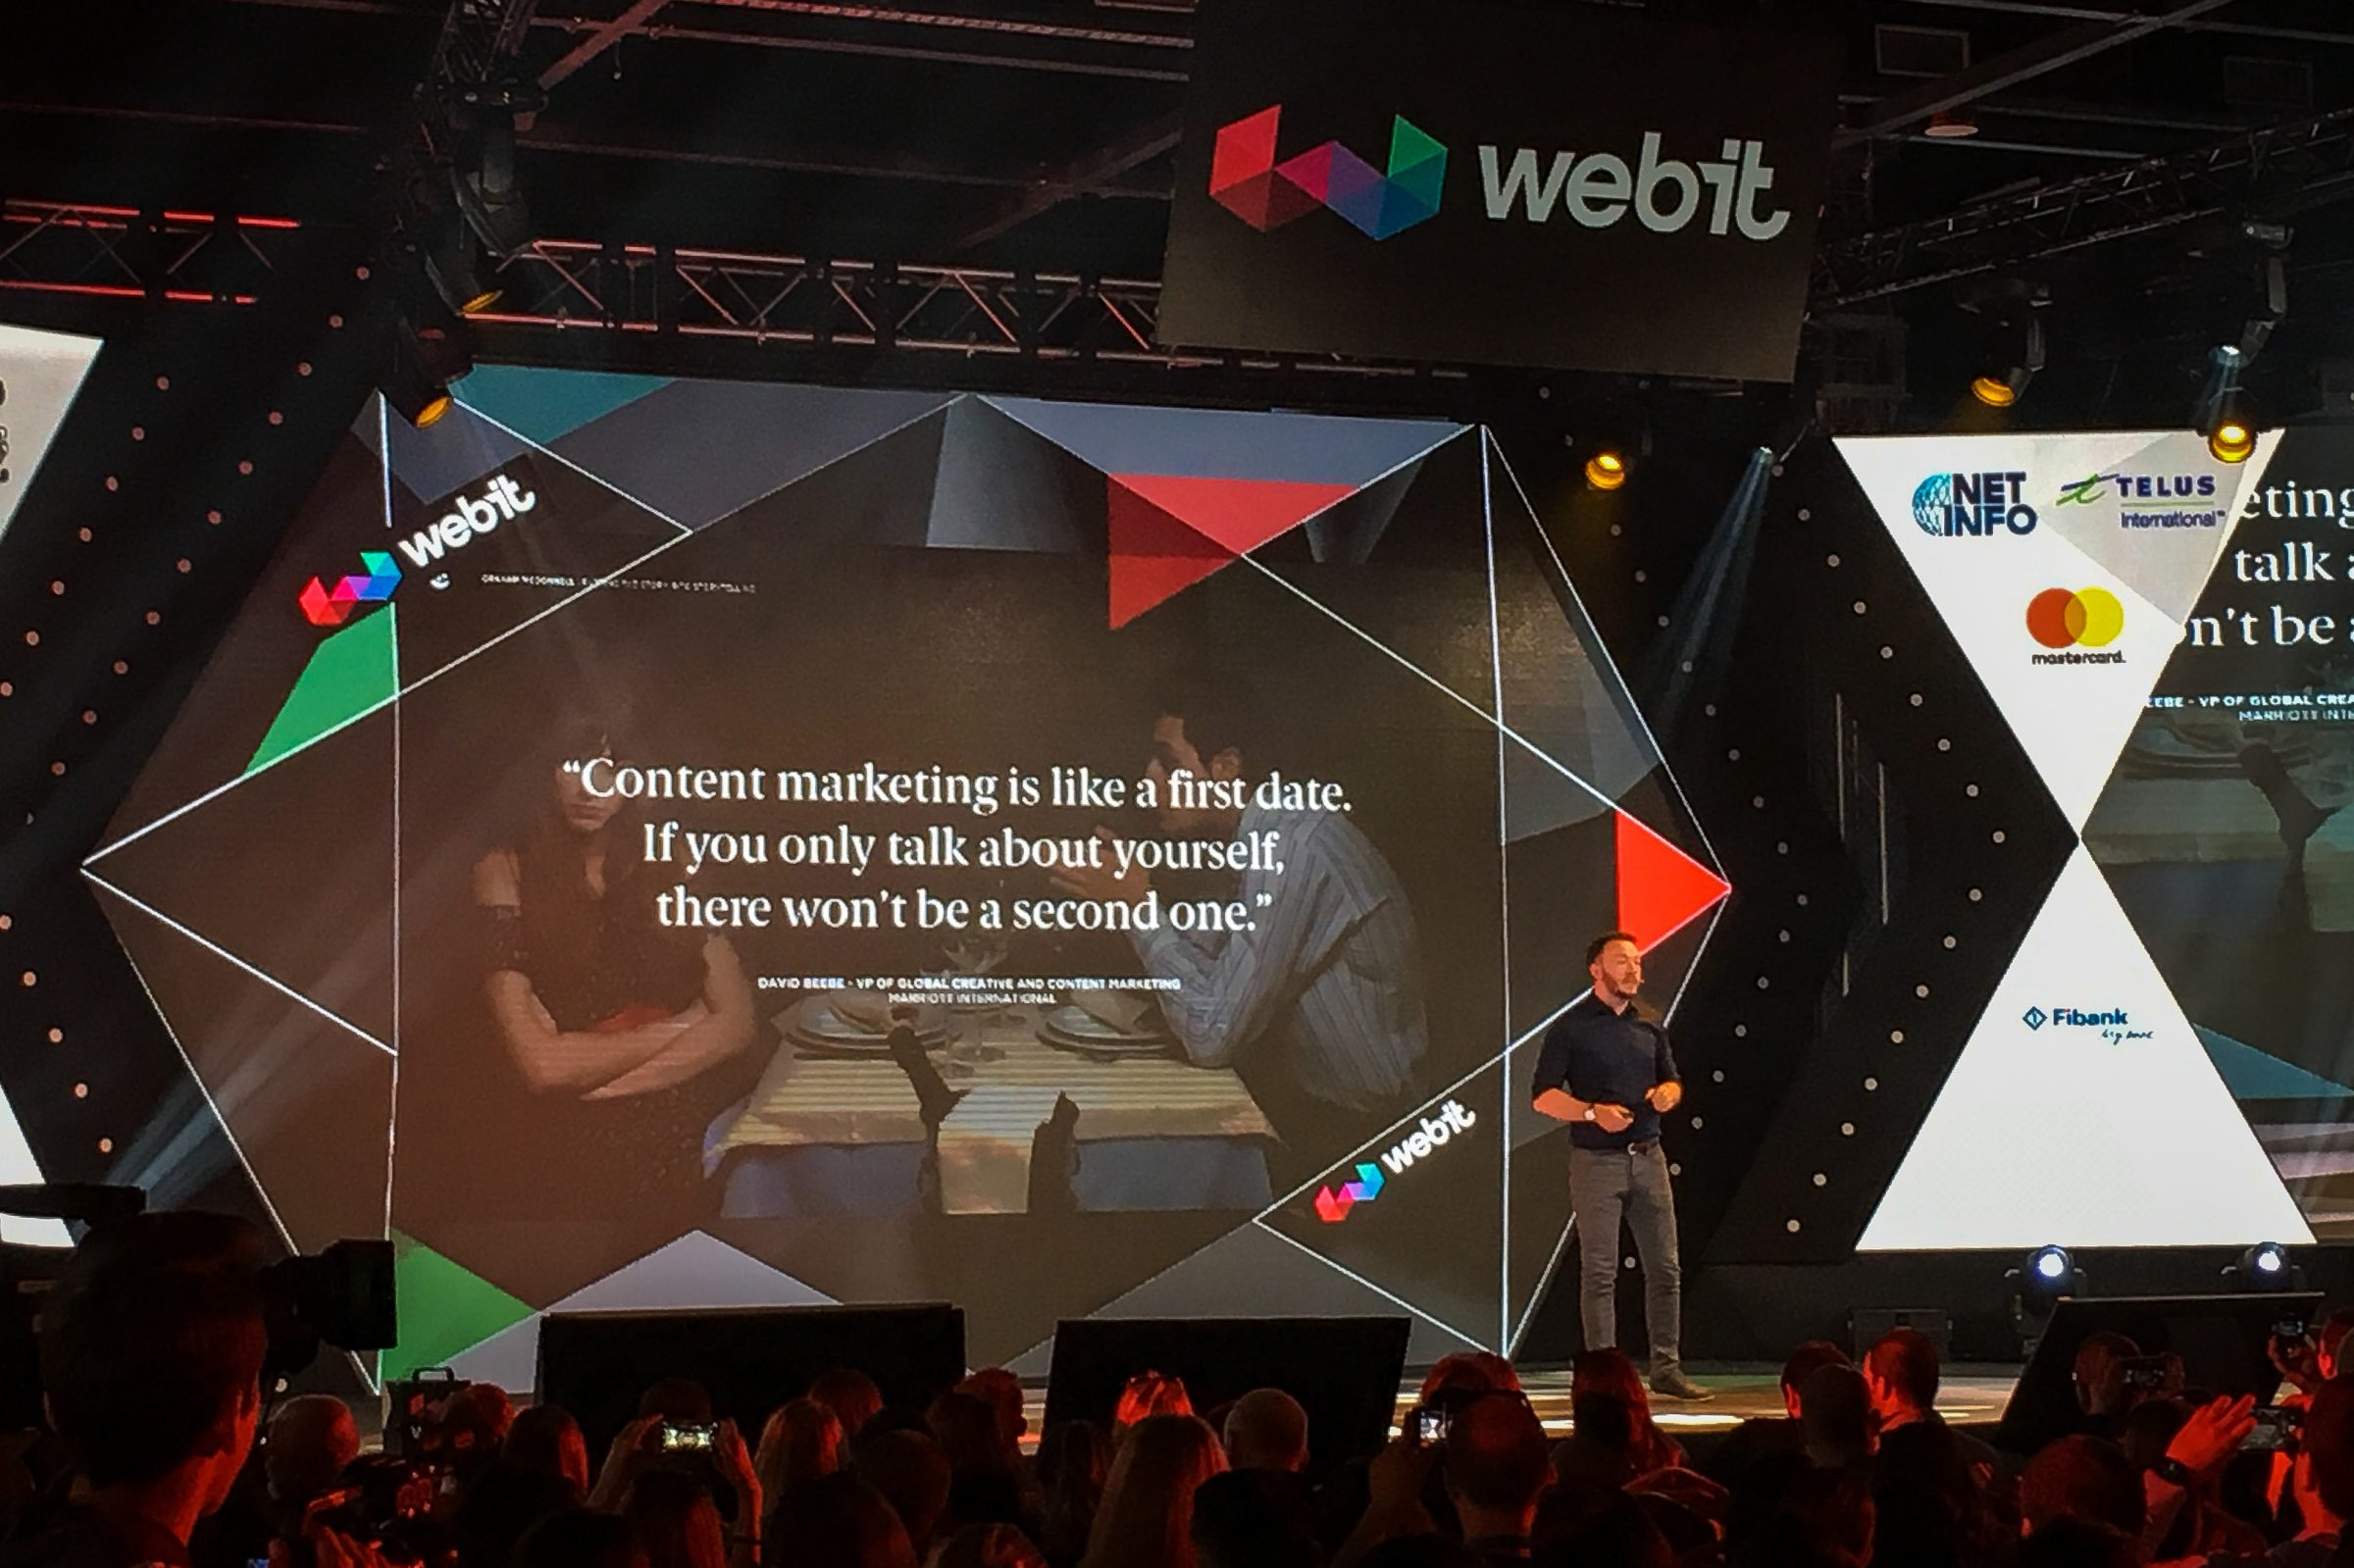 webit festival europe 2017